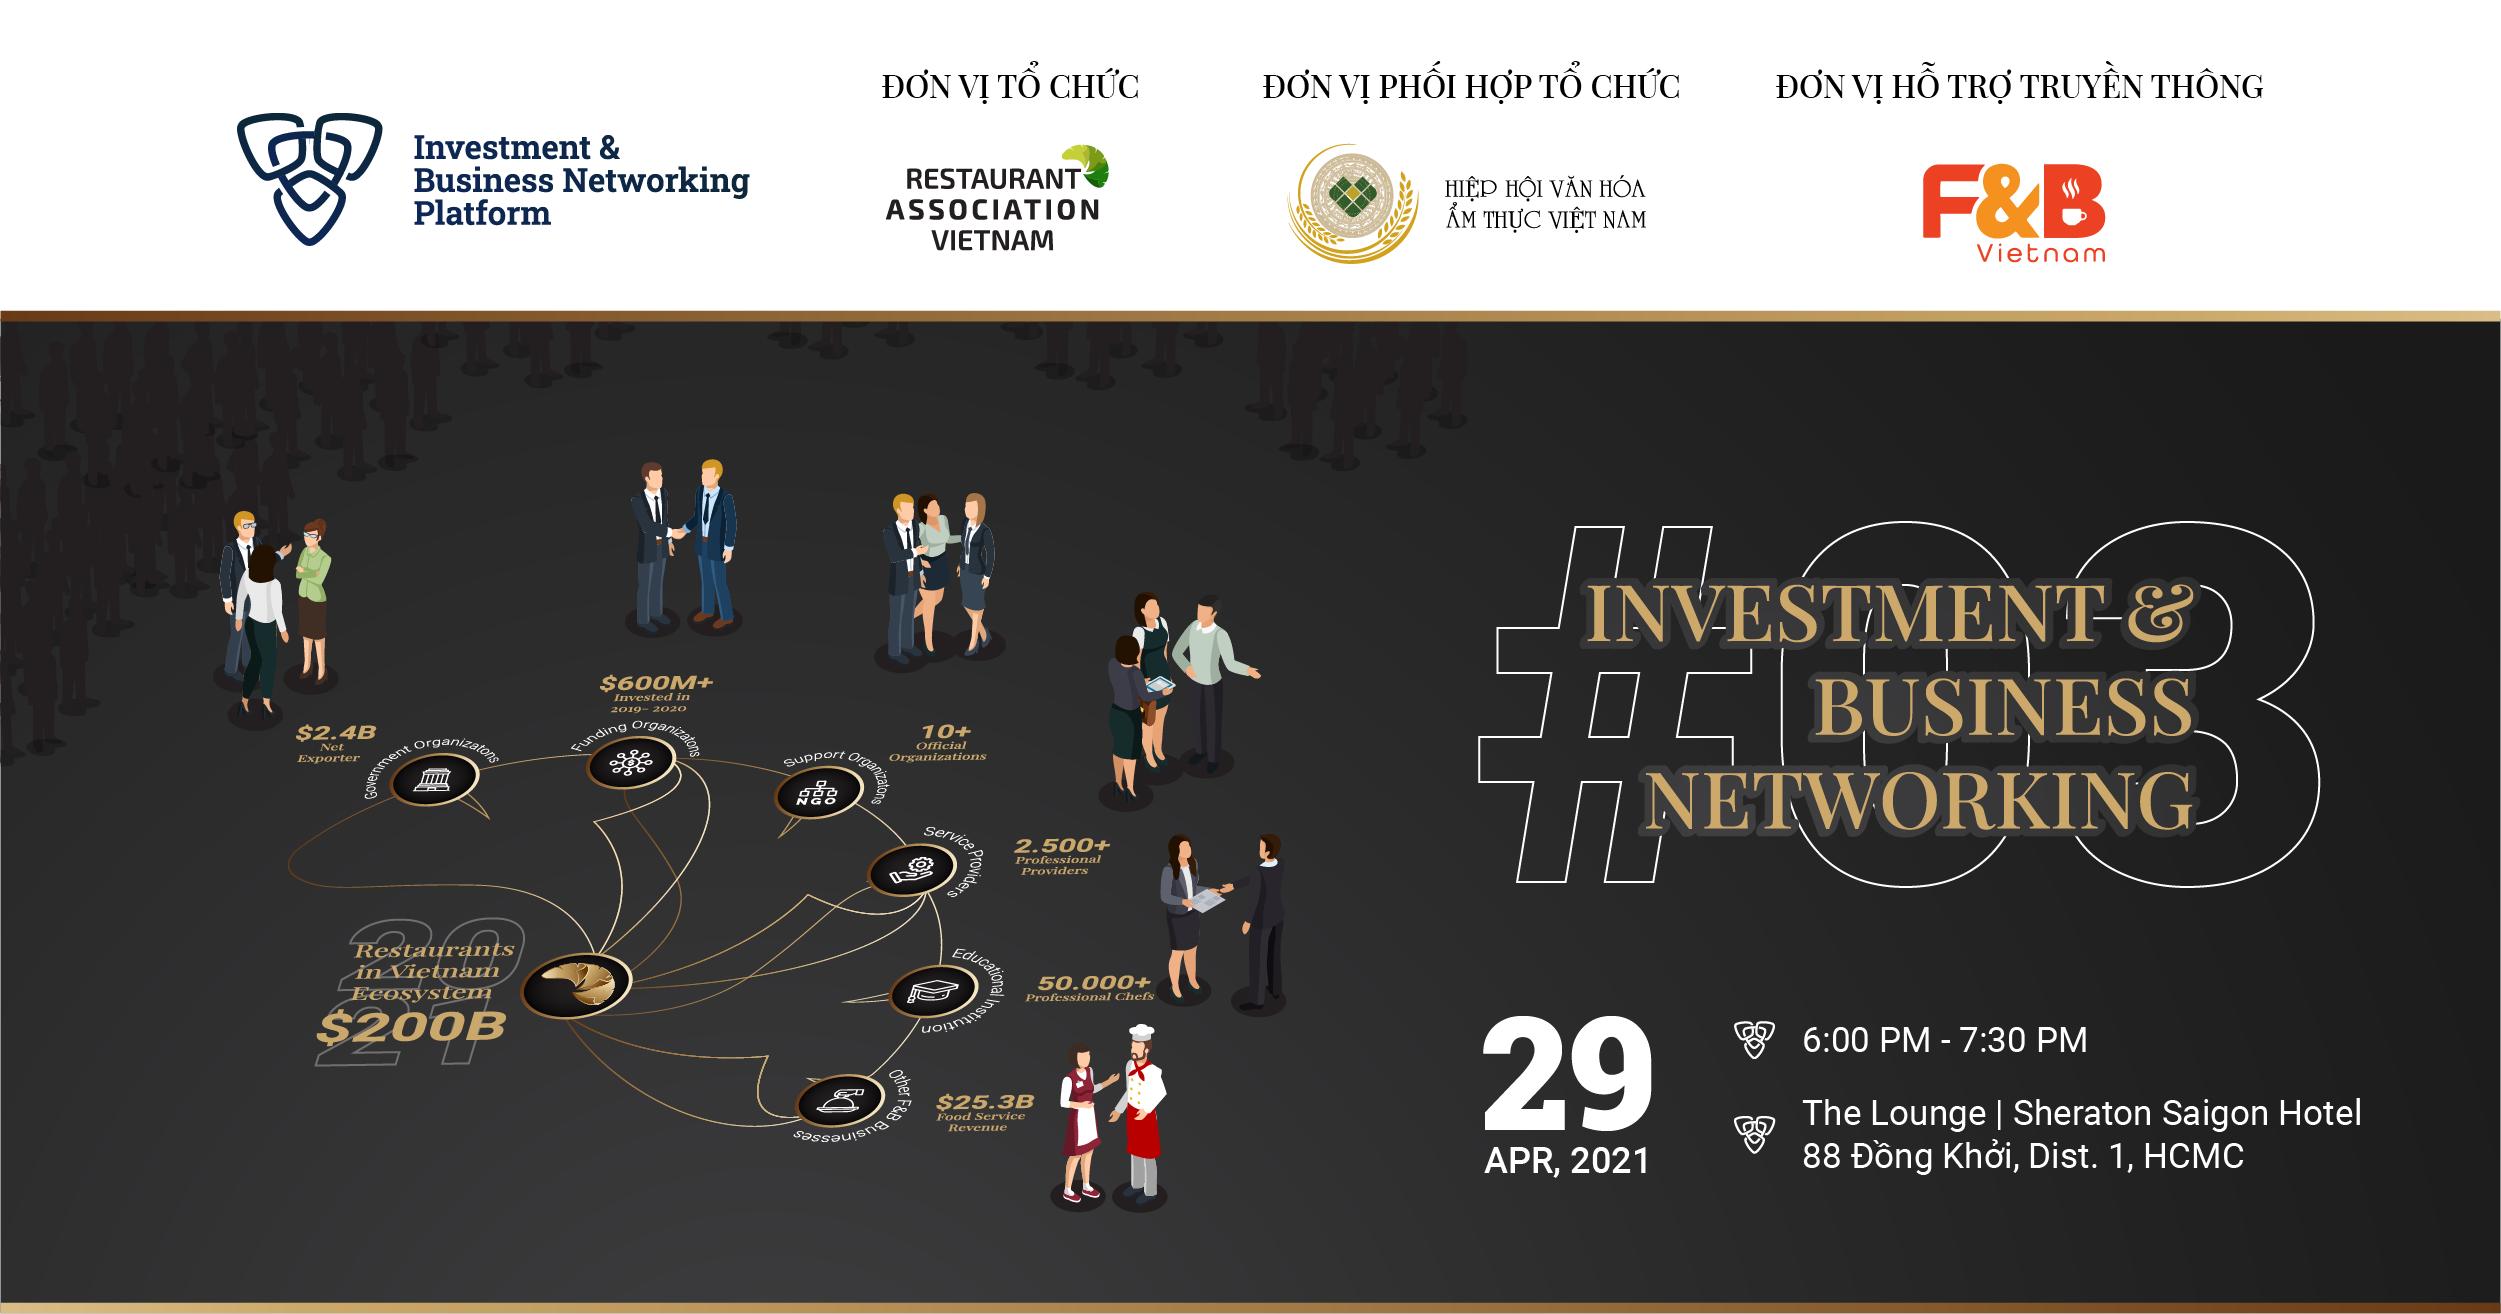 lak's coffee organic coffee cà phê sạch, cà phê nguyên chất Investment & Business Networking #03 – 04.2021: Buổi gặp gỡ và Kết nối dành cho cá nhân, doanh nghiệp ngành F&B